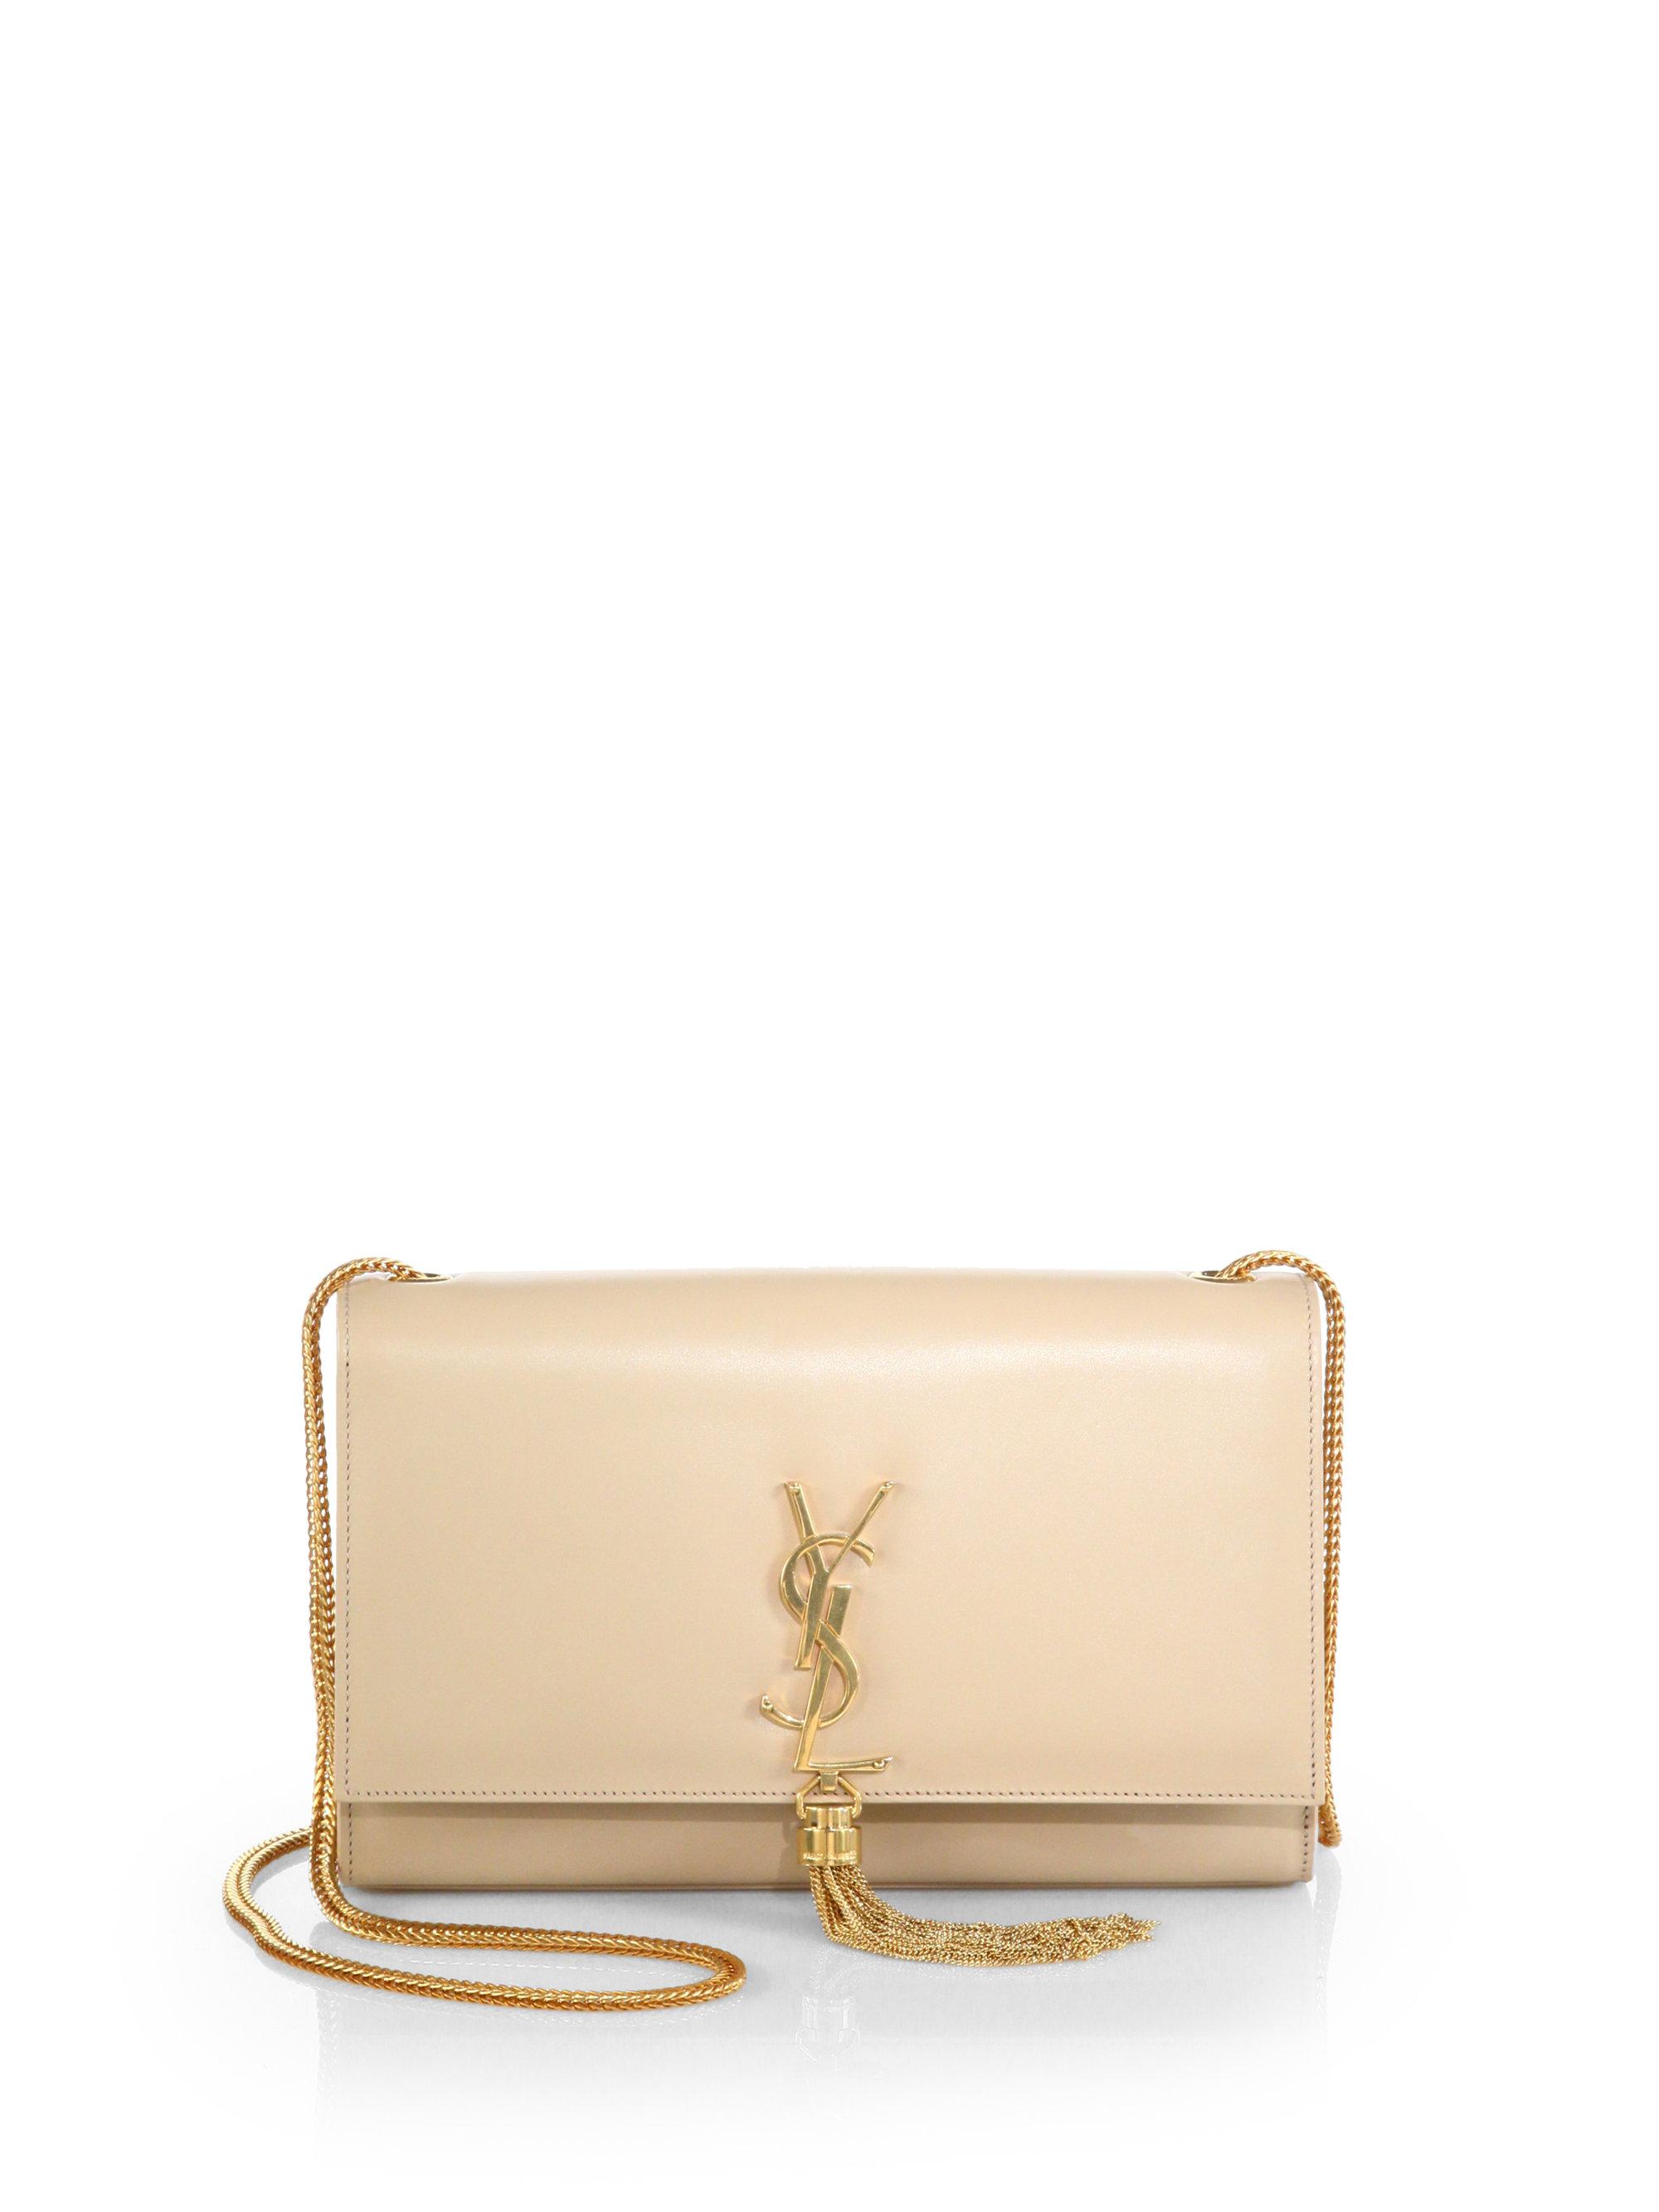 96eadaa8f68 Saint Laurent Cassandre Tassel Shoulder Bag in White - Lyst